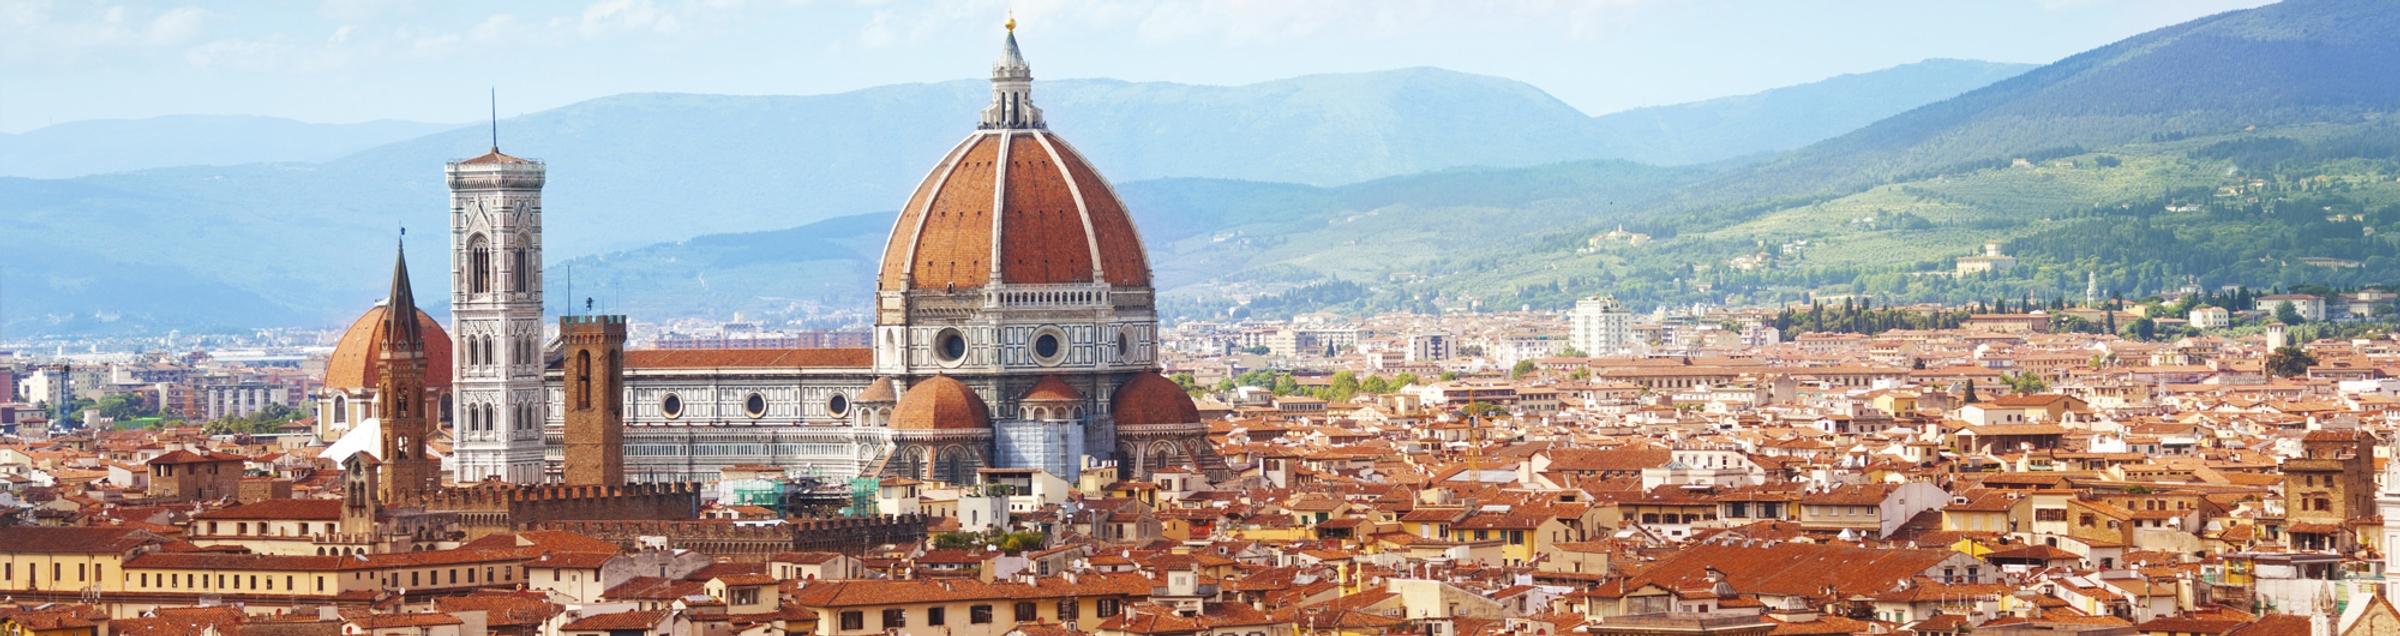 Firenzei dóm